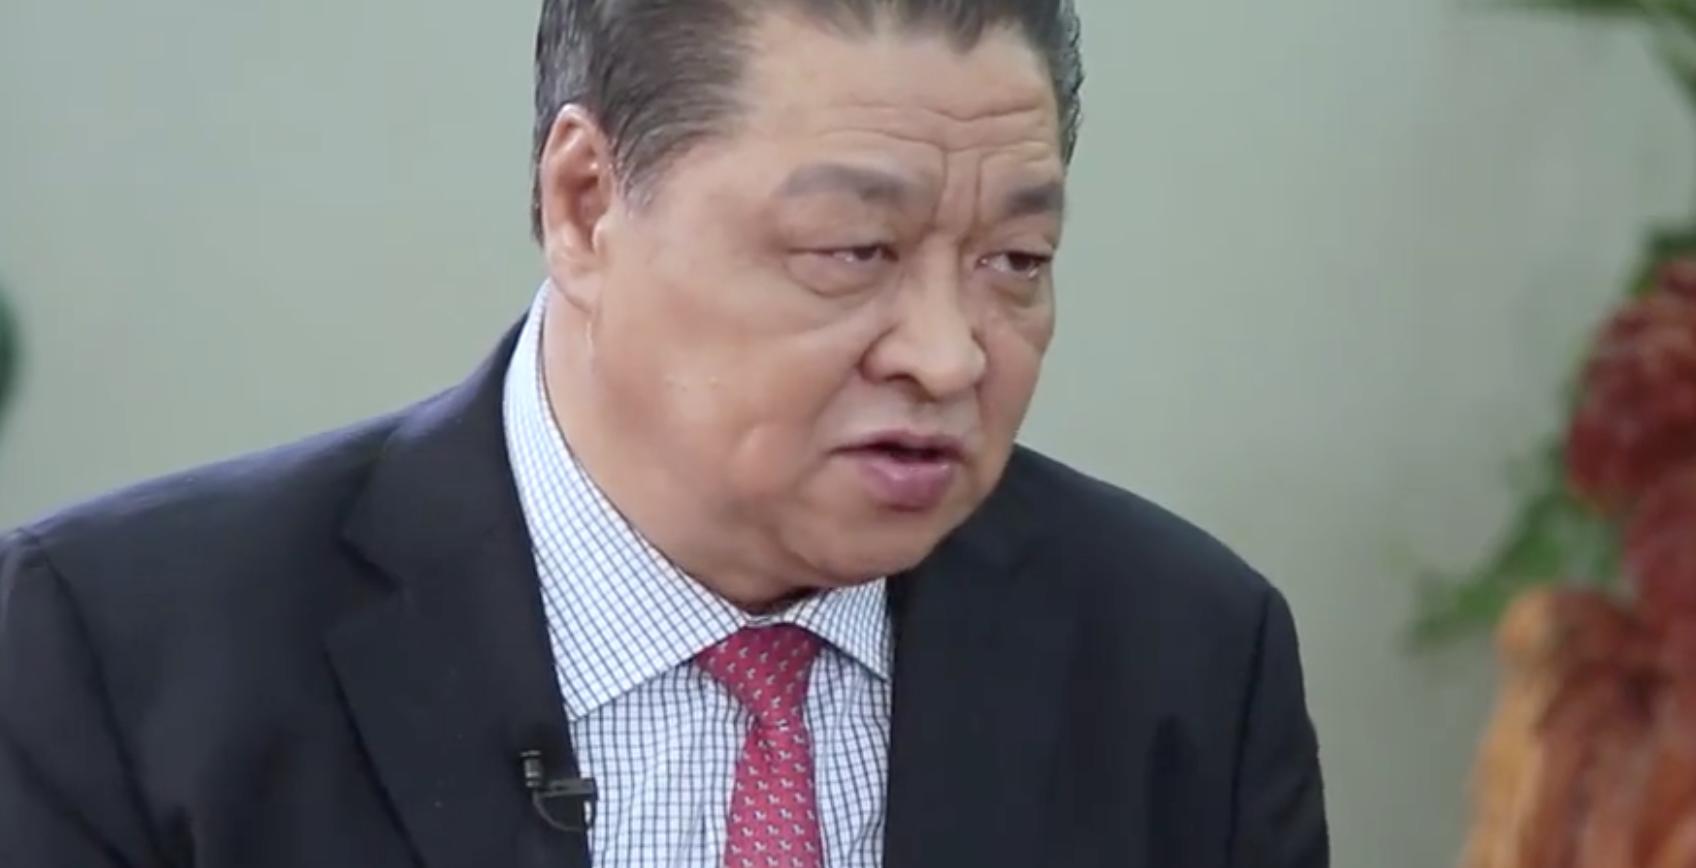 发股东大红包 董事长说赚钱从来不只归自己